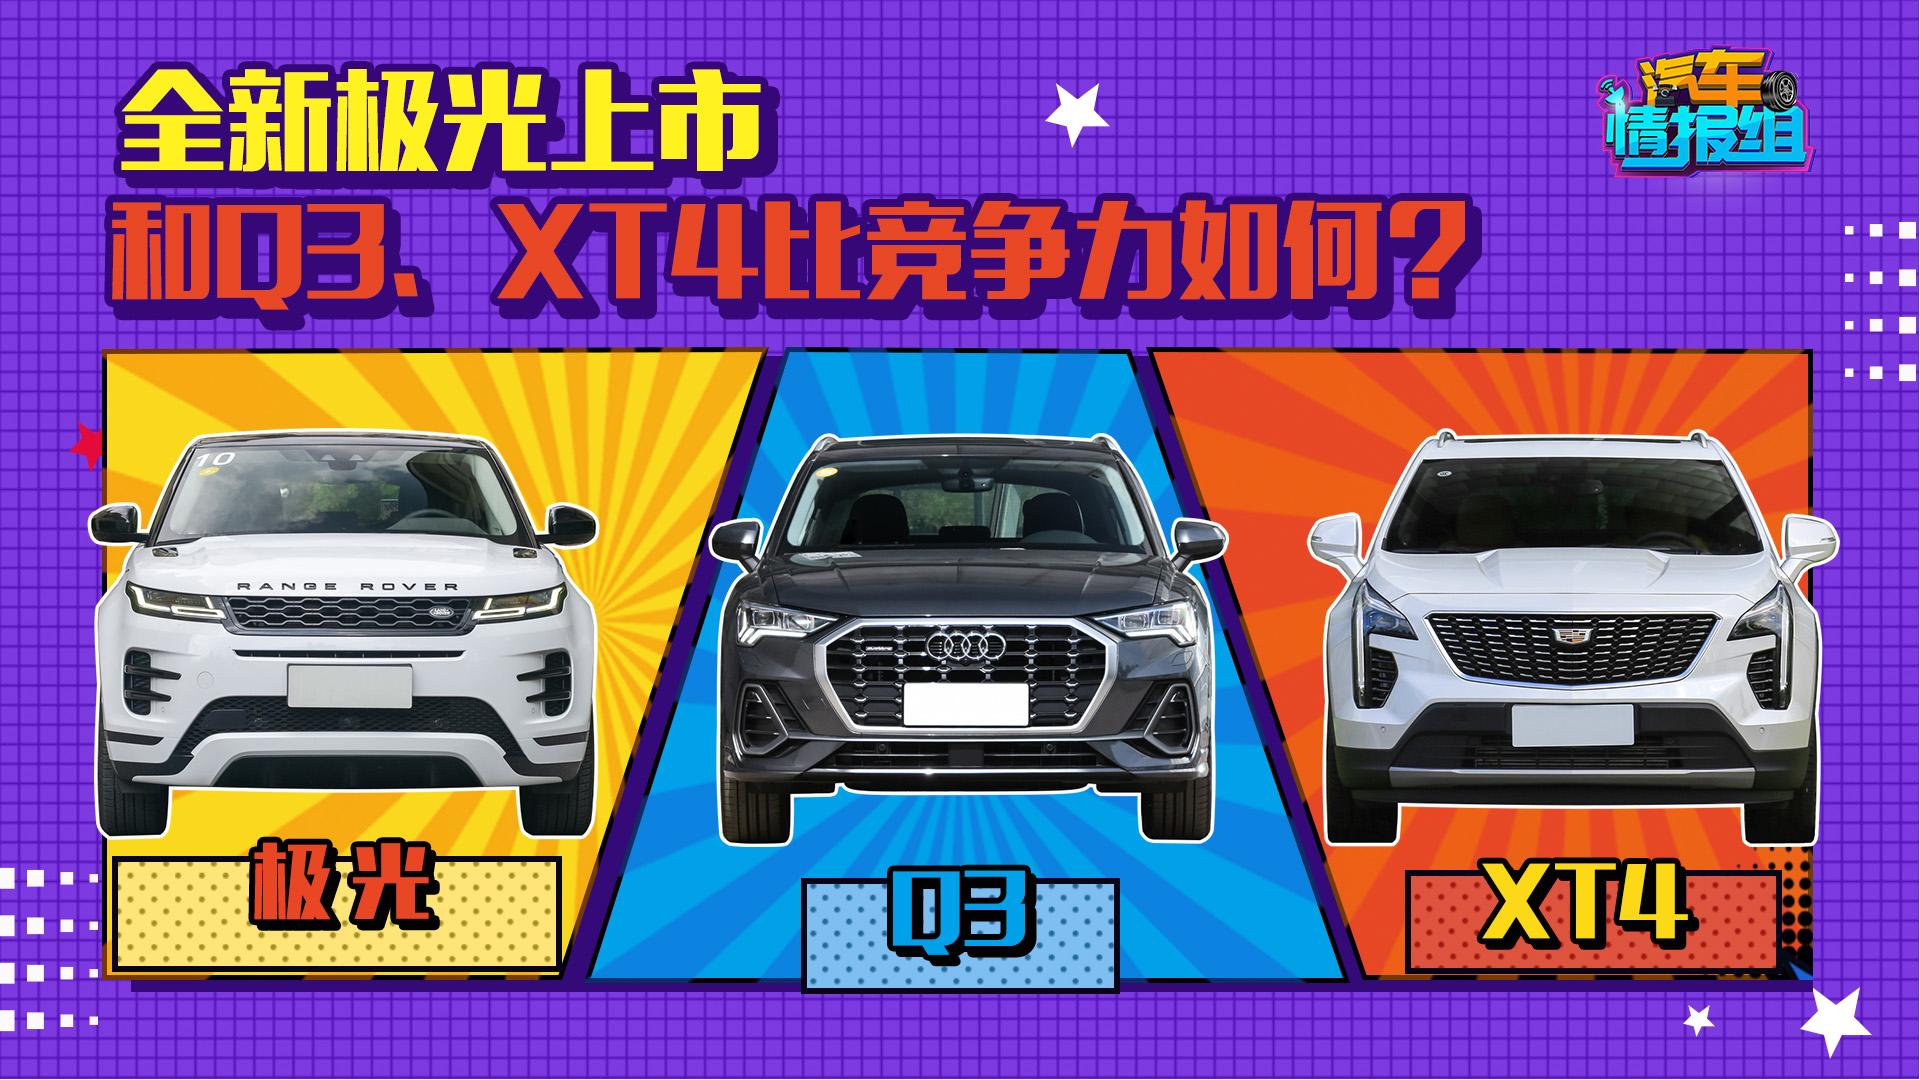 35万预算买豪华品牌SUV,极光、XT4、Q3谁更优秀?